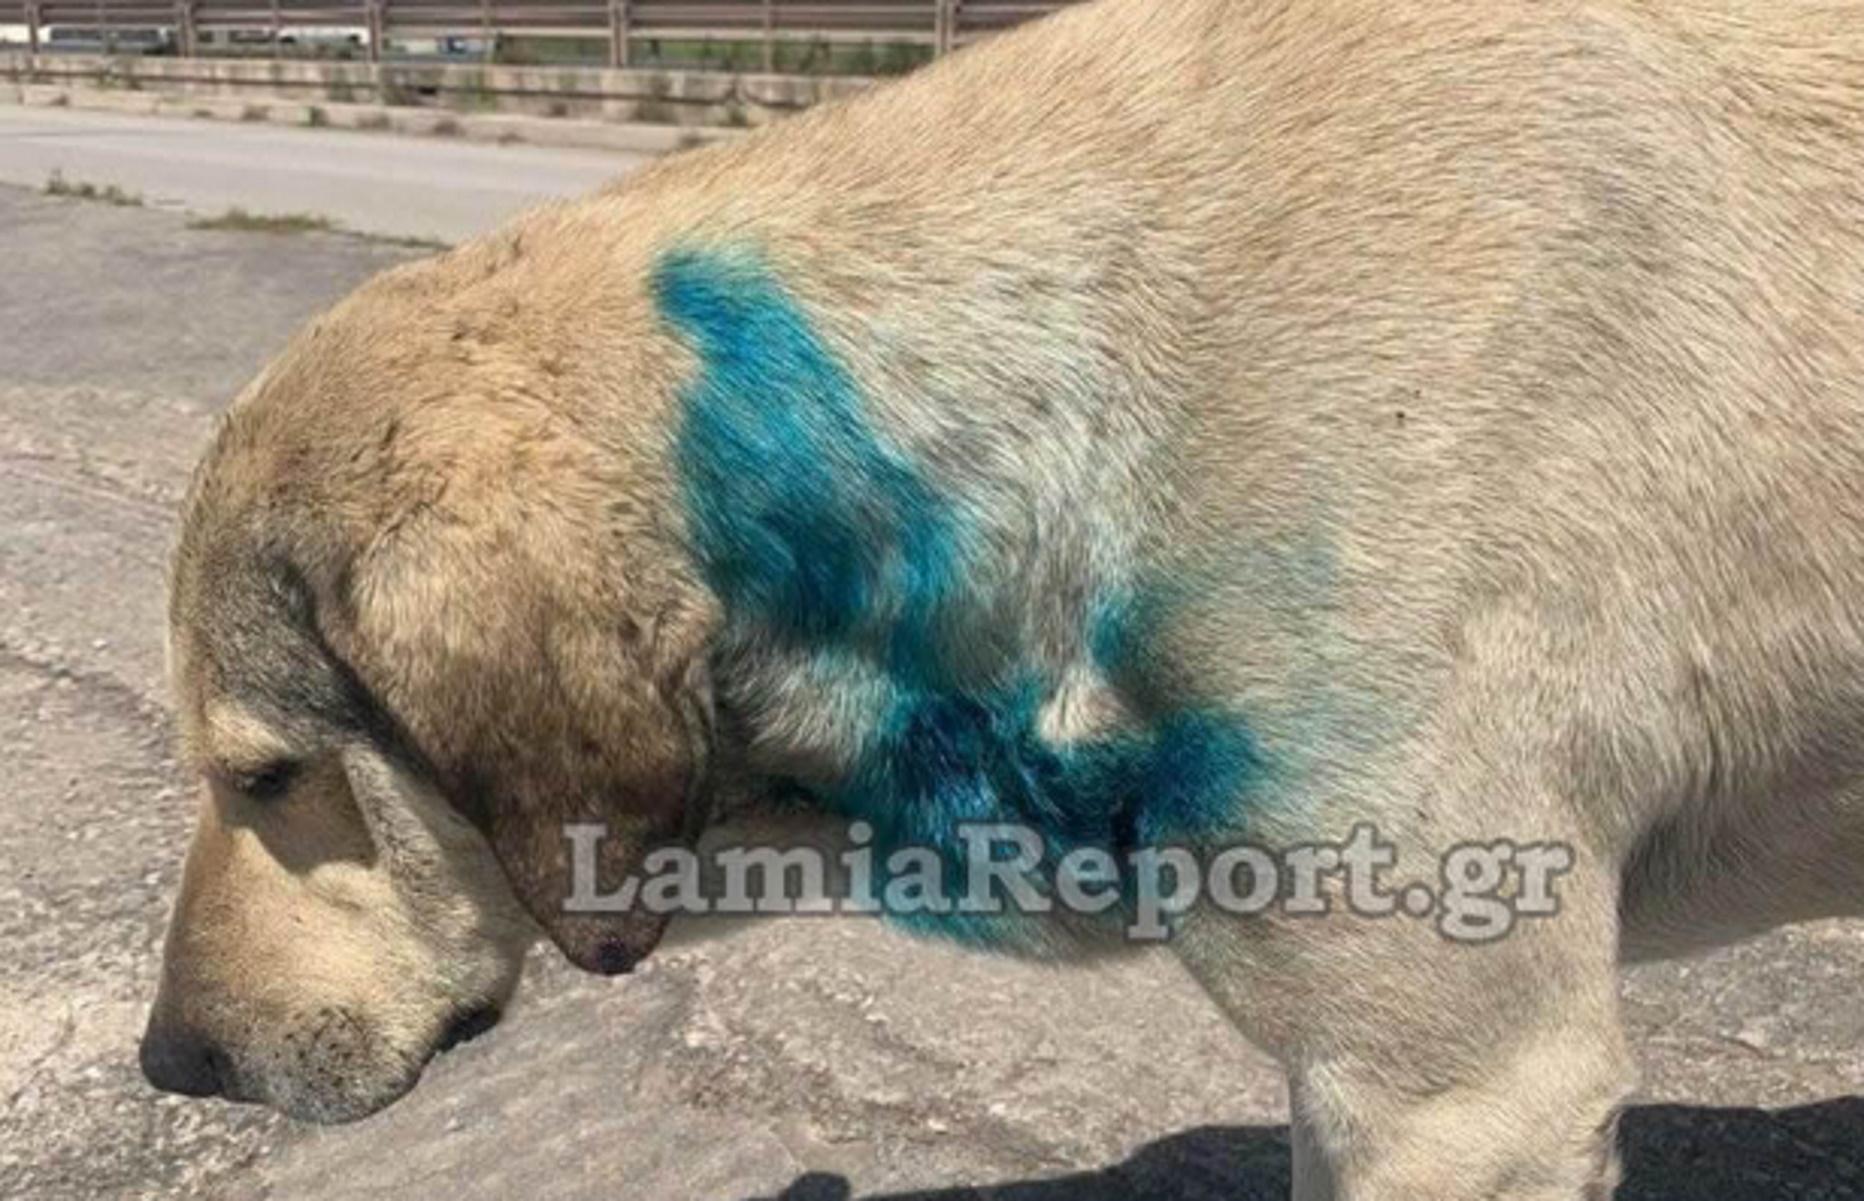 Στυλίδα: Aδέσποτος σκύλος έκανε αίσθηση λόγω χρώματος – Η πρώτη εντύπωση ήταν λάθος (pics)